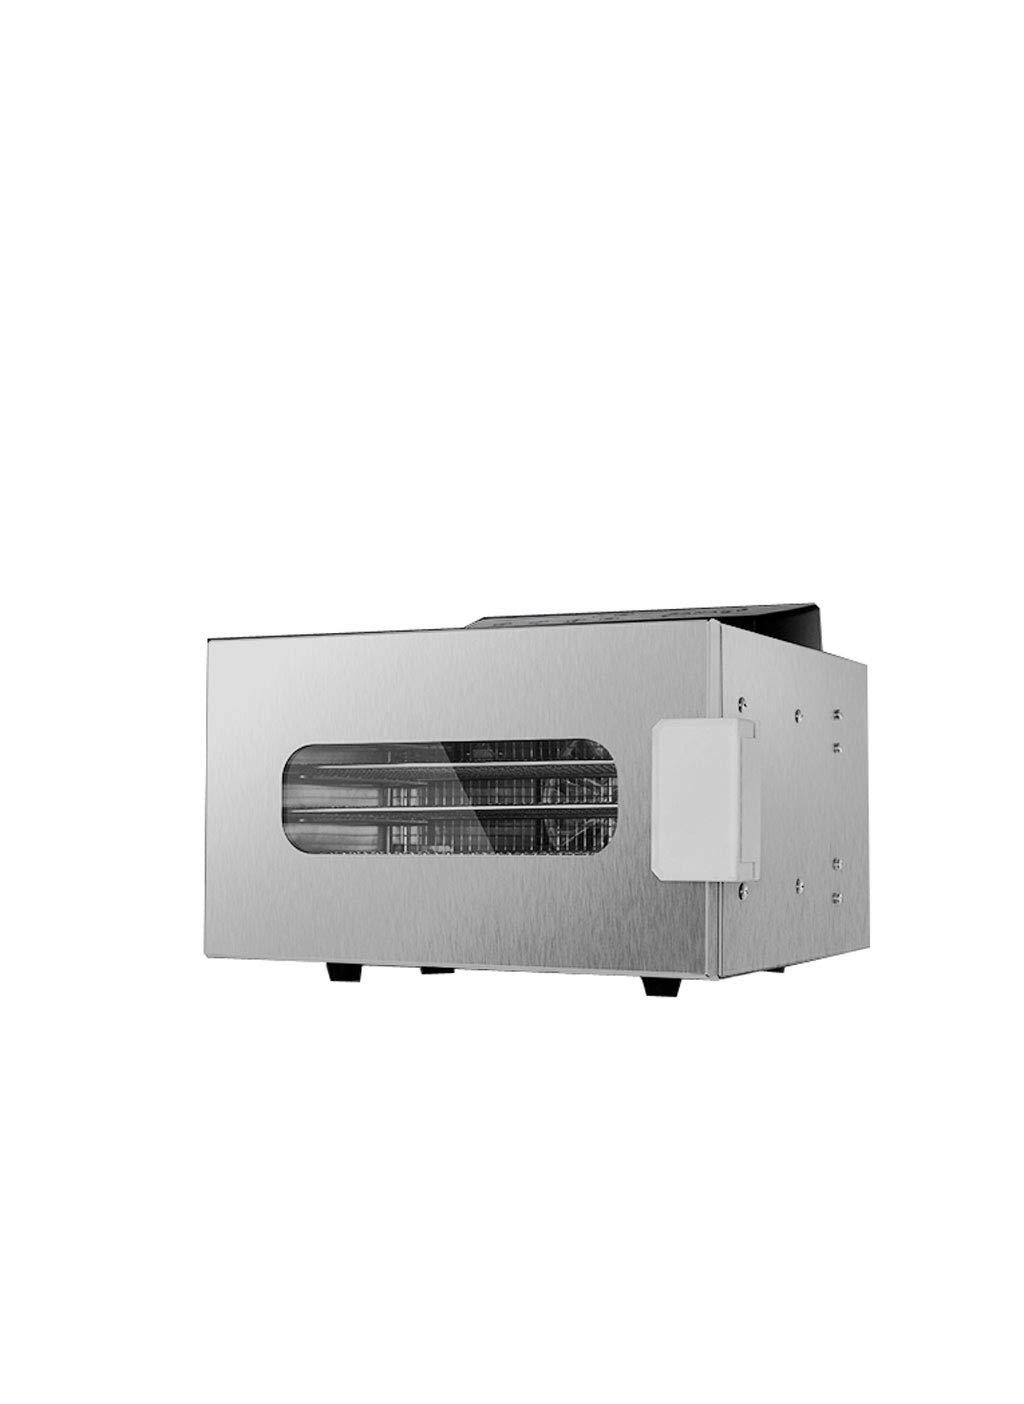 ZHAOHGJ Secador de Frutas, Control de Temperatura Ajustable Programación Sincronización Multifunción Gran Capacidad Grueso Deshidratador de Alimentos de ...